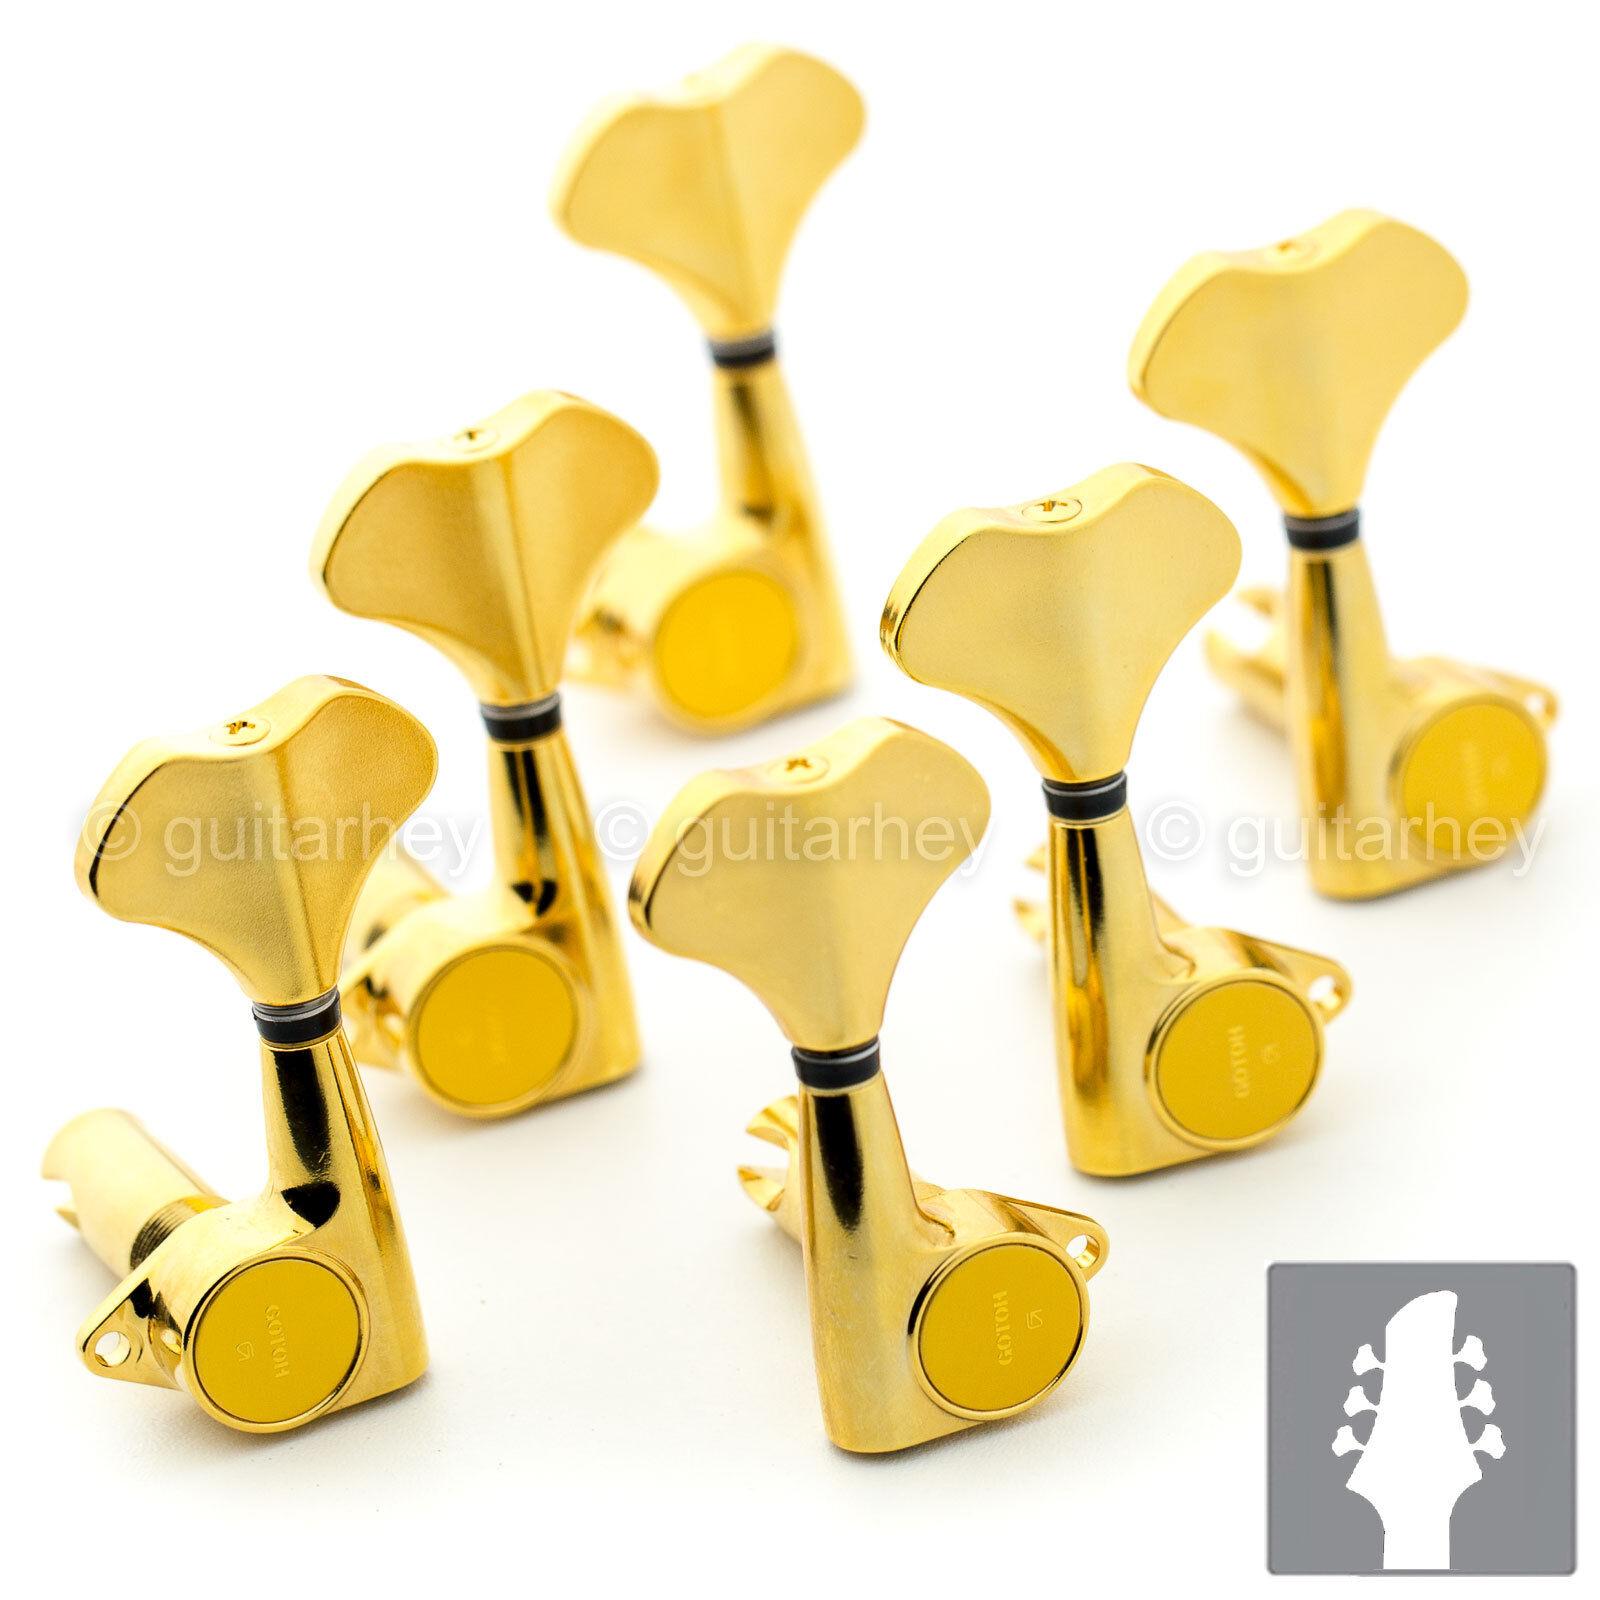 NEW Gotoh GB720 6-String Bass Keys L3+R3 Lightweight Tuners w  Screws 3x3 - Gold